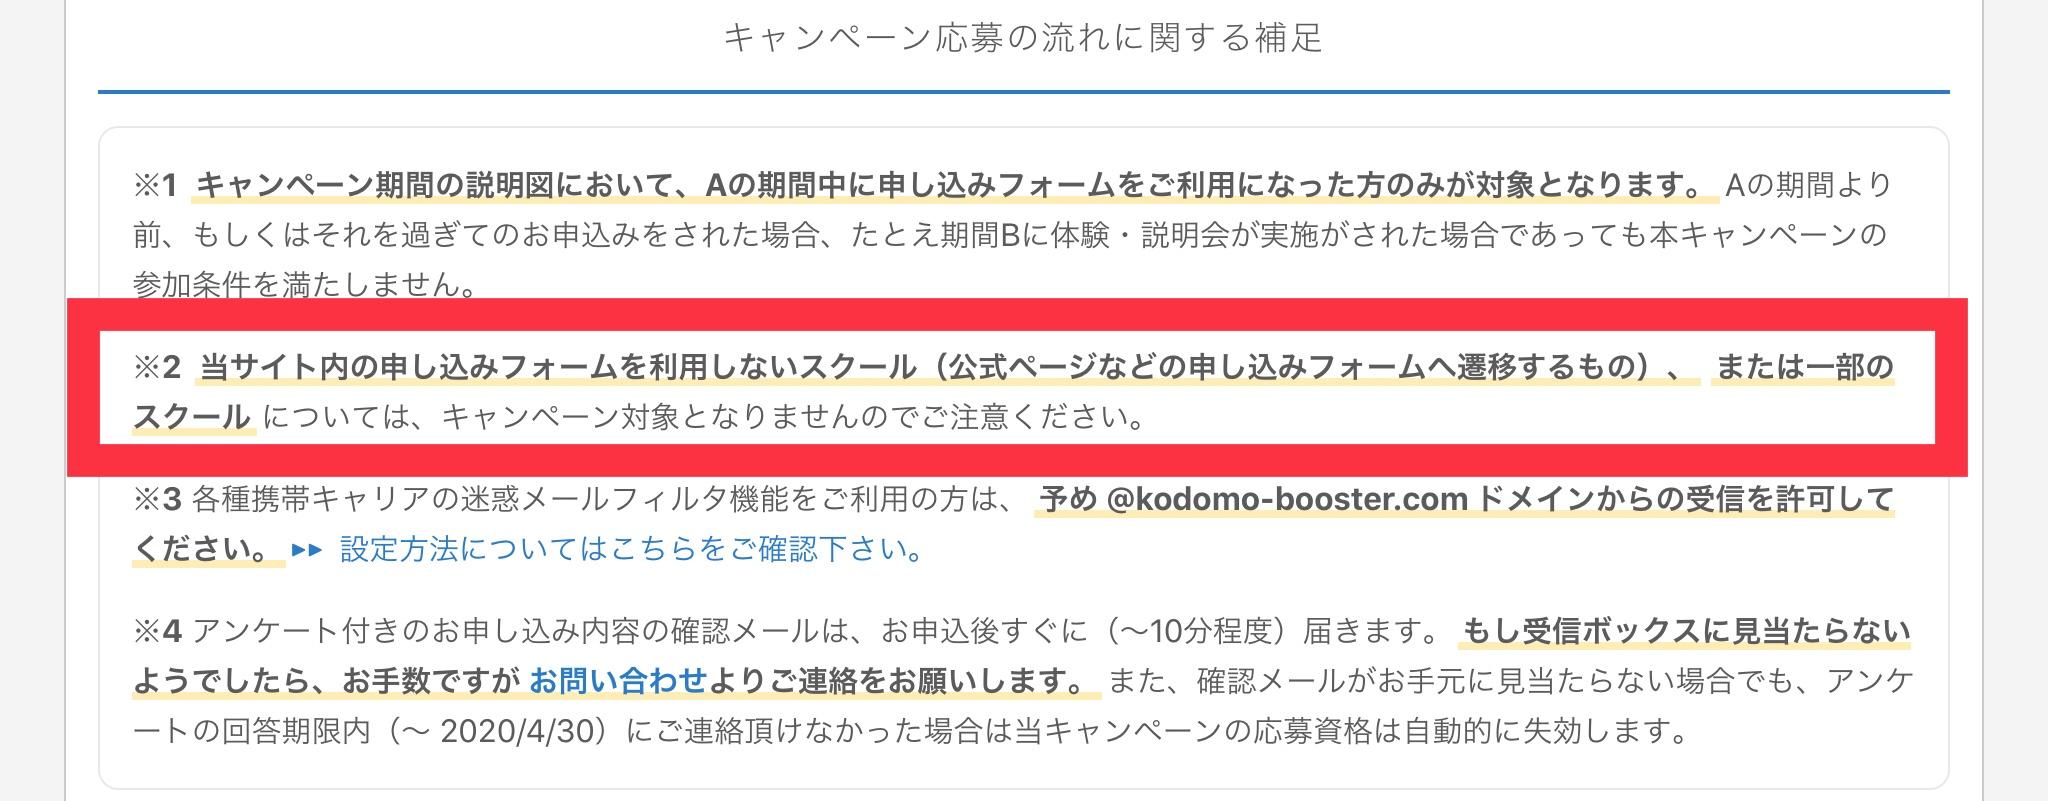 kodomobooster-campign-chuuiten